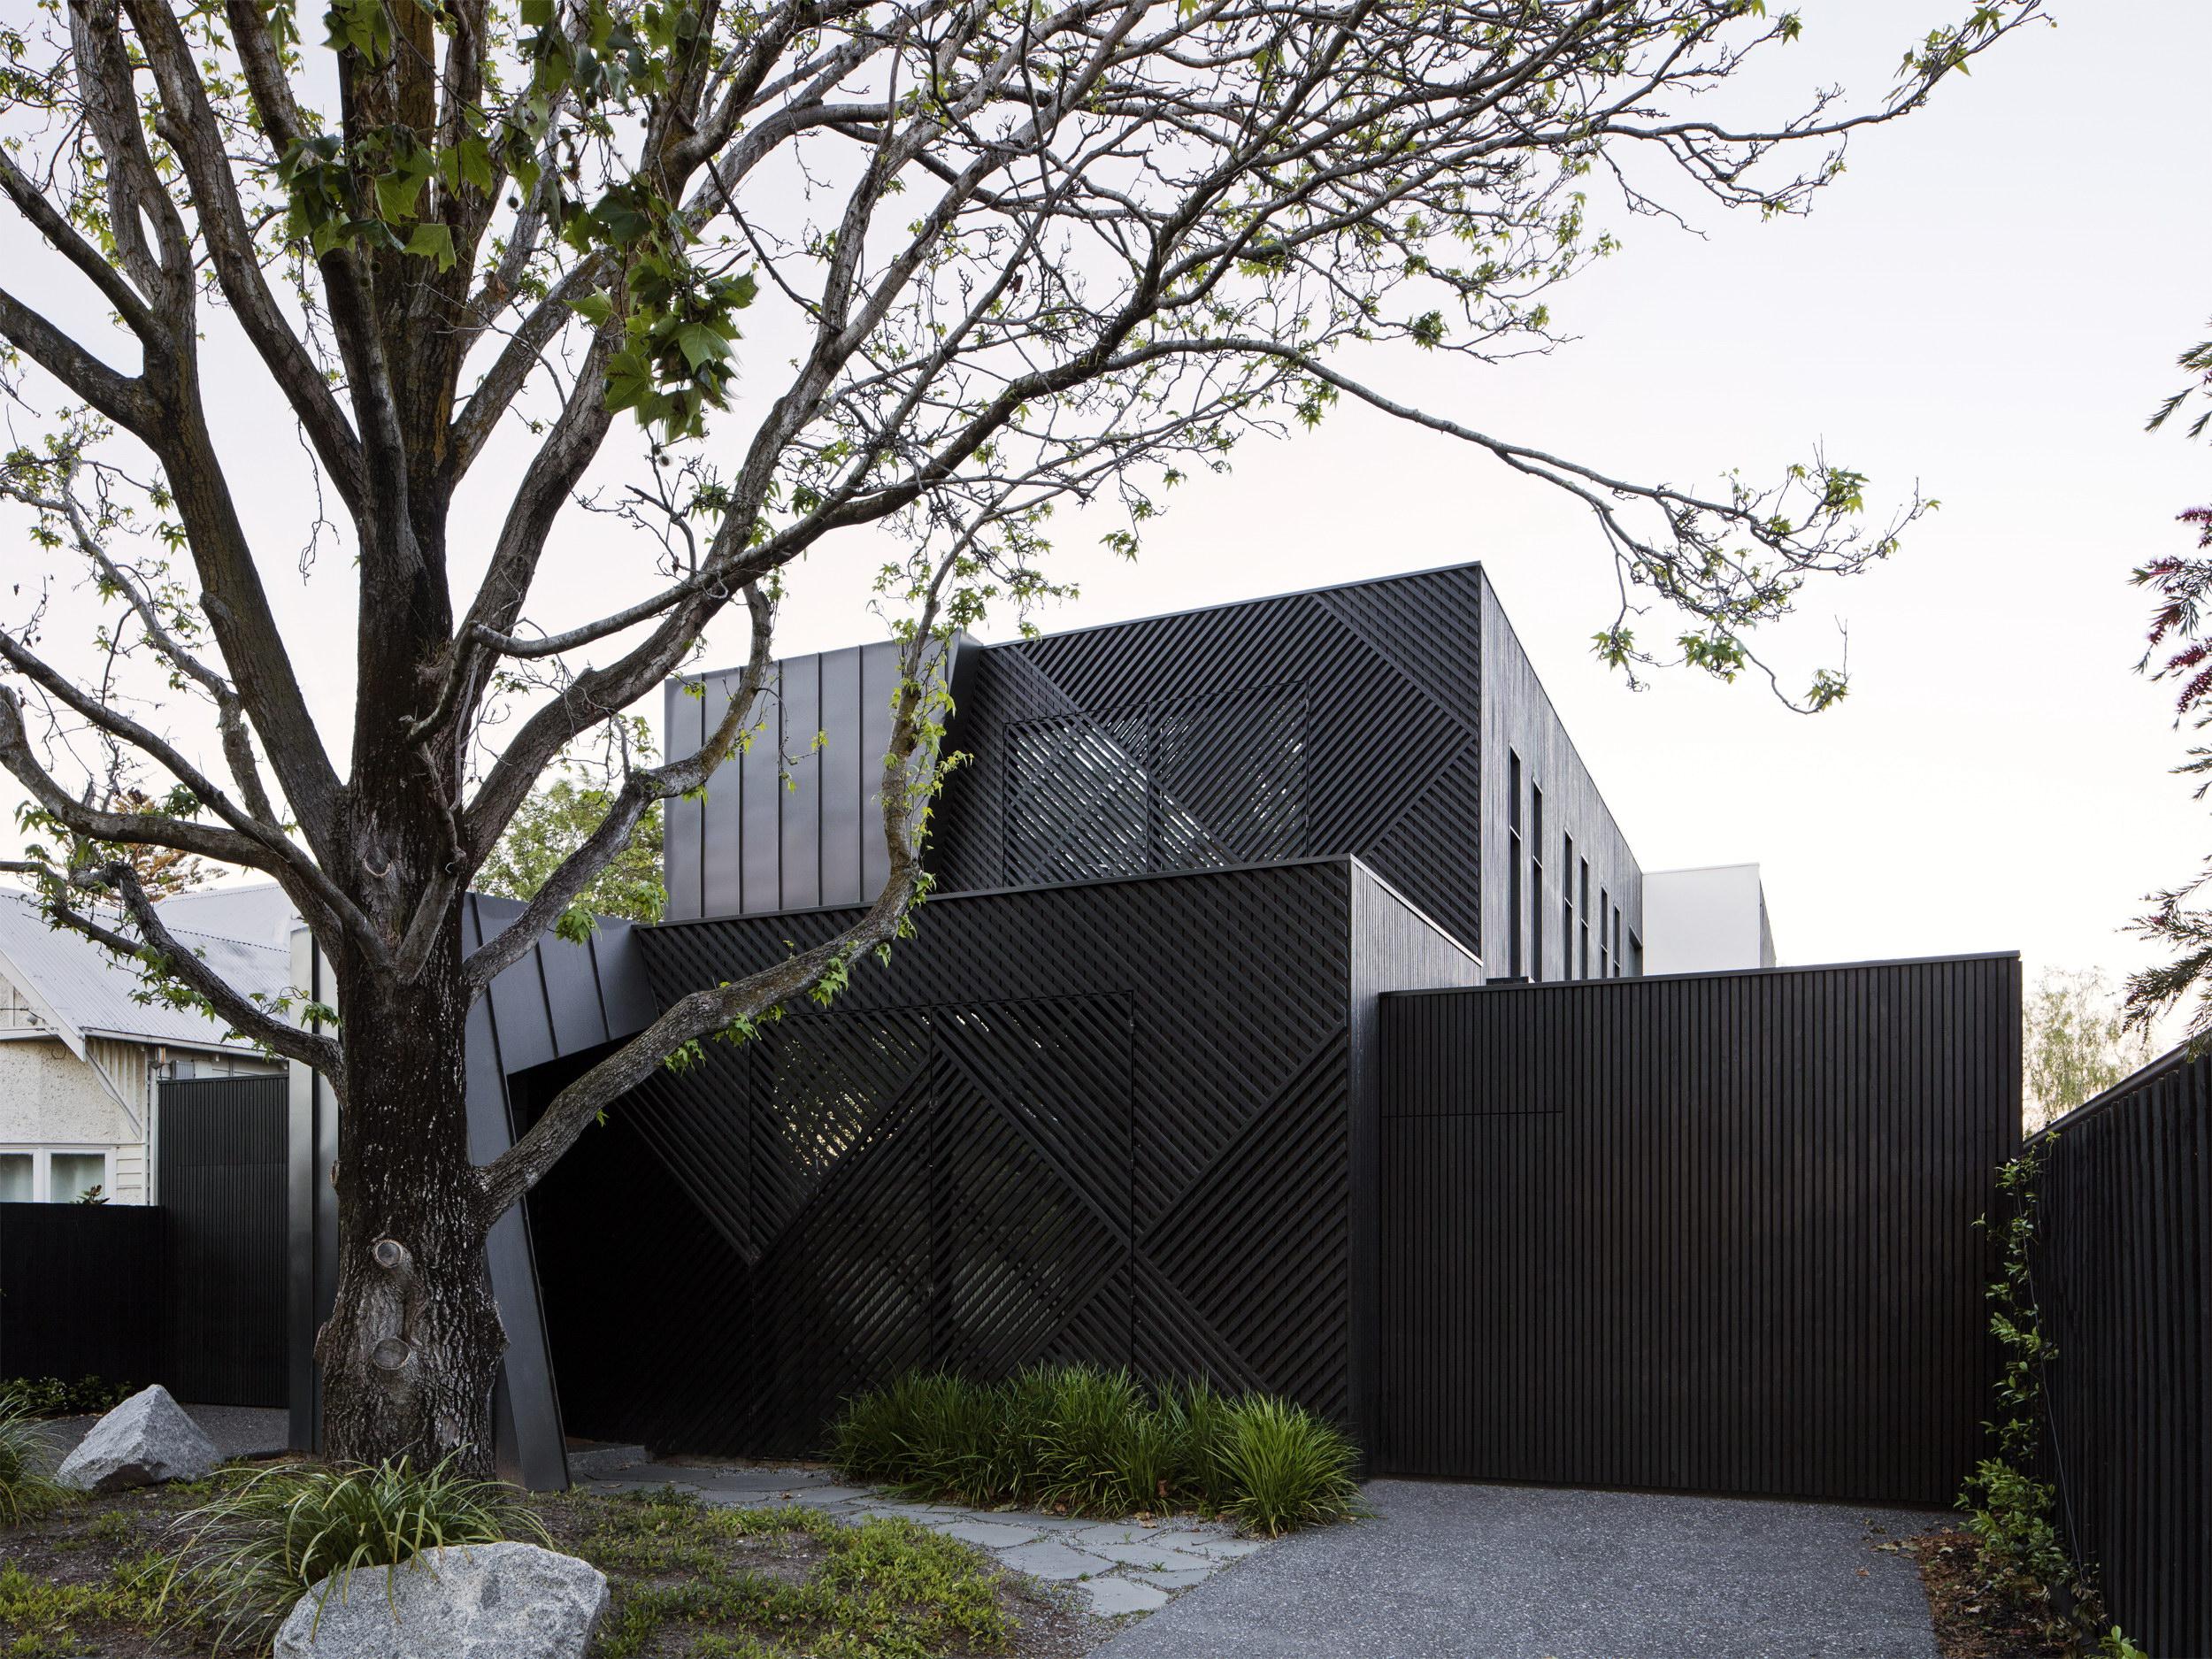 Washington Avenue Townhouses by Pandolfini Architects